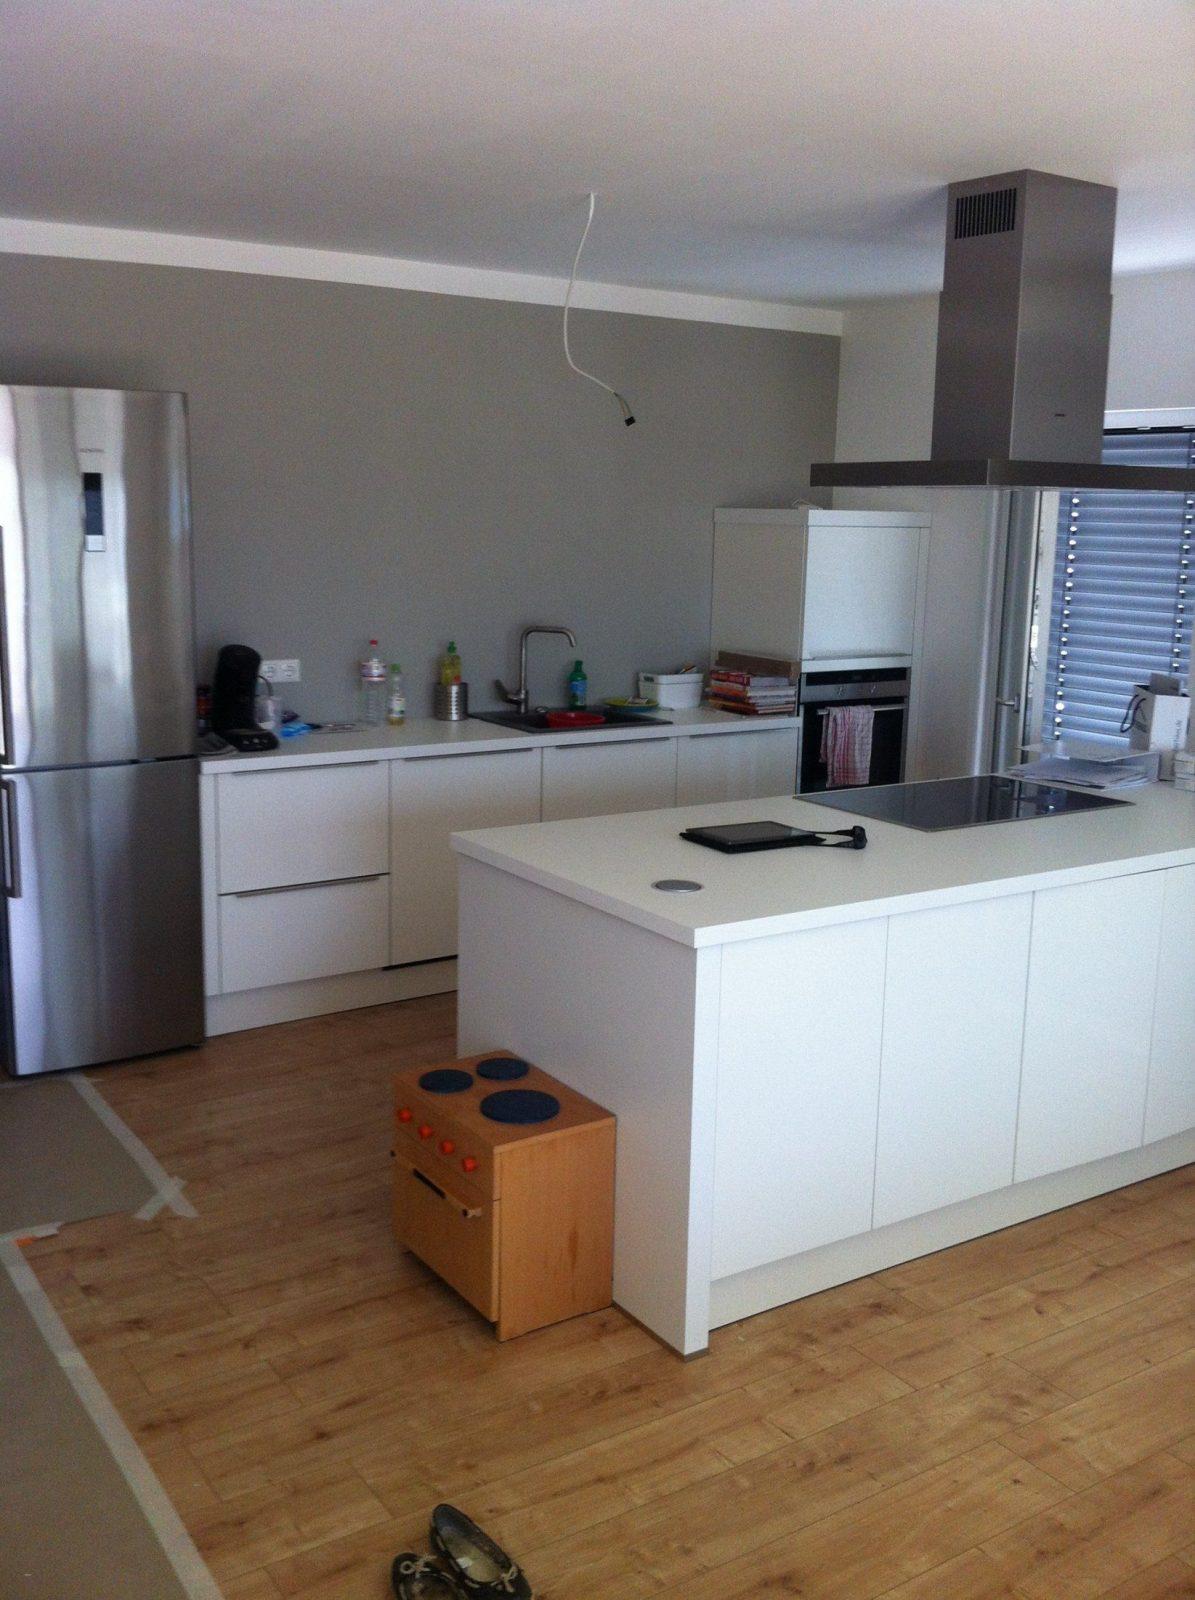 Abwaschbare Farbe Statt Fliesen Küche Beliebt Farbe Für von Abwaschbare Farbe Statt Fliesen Küche Photo